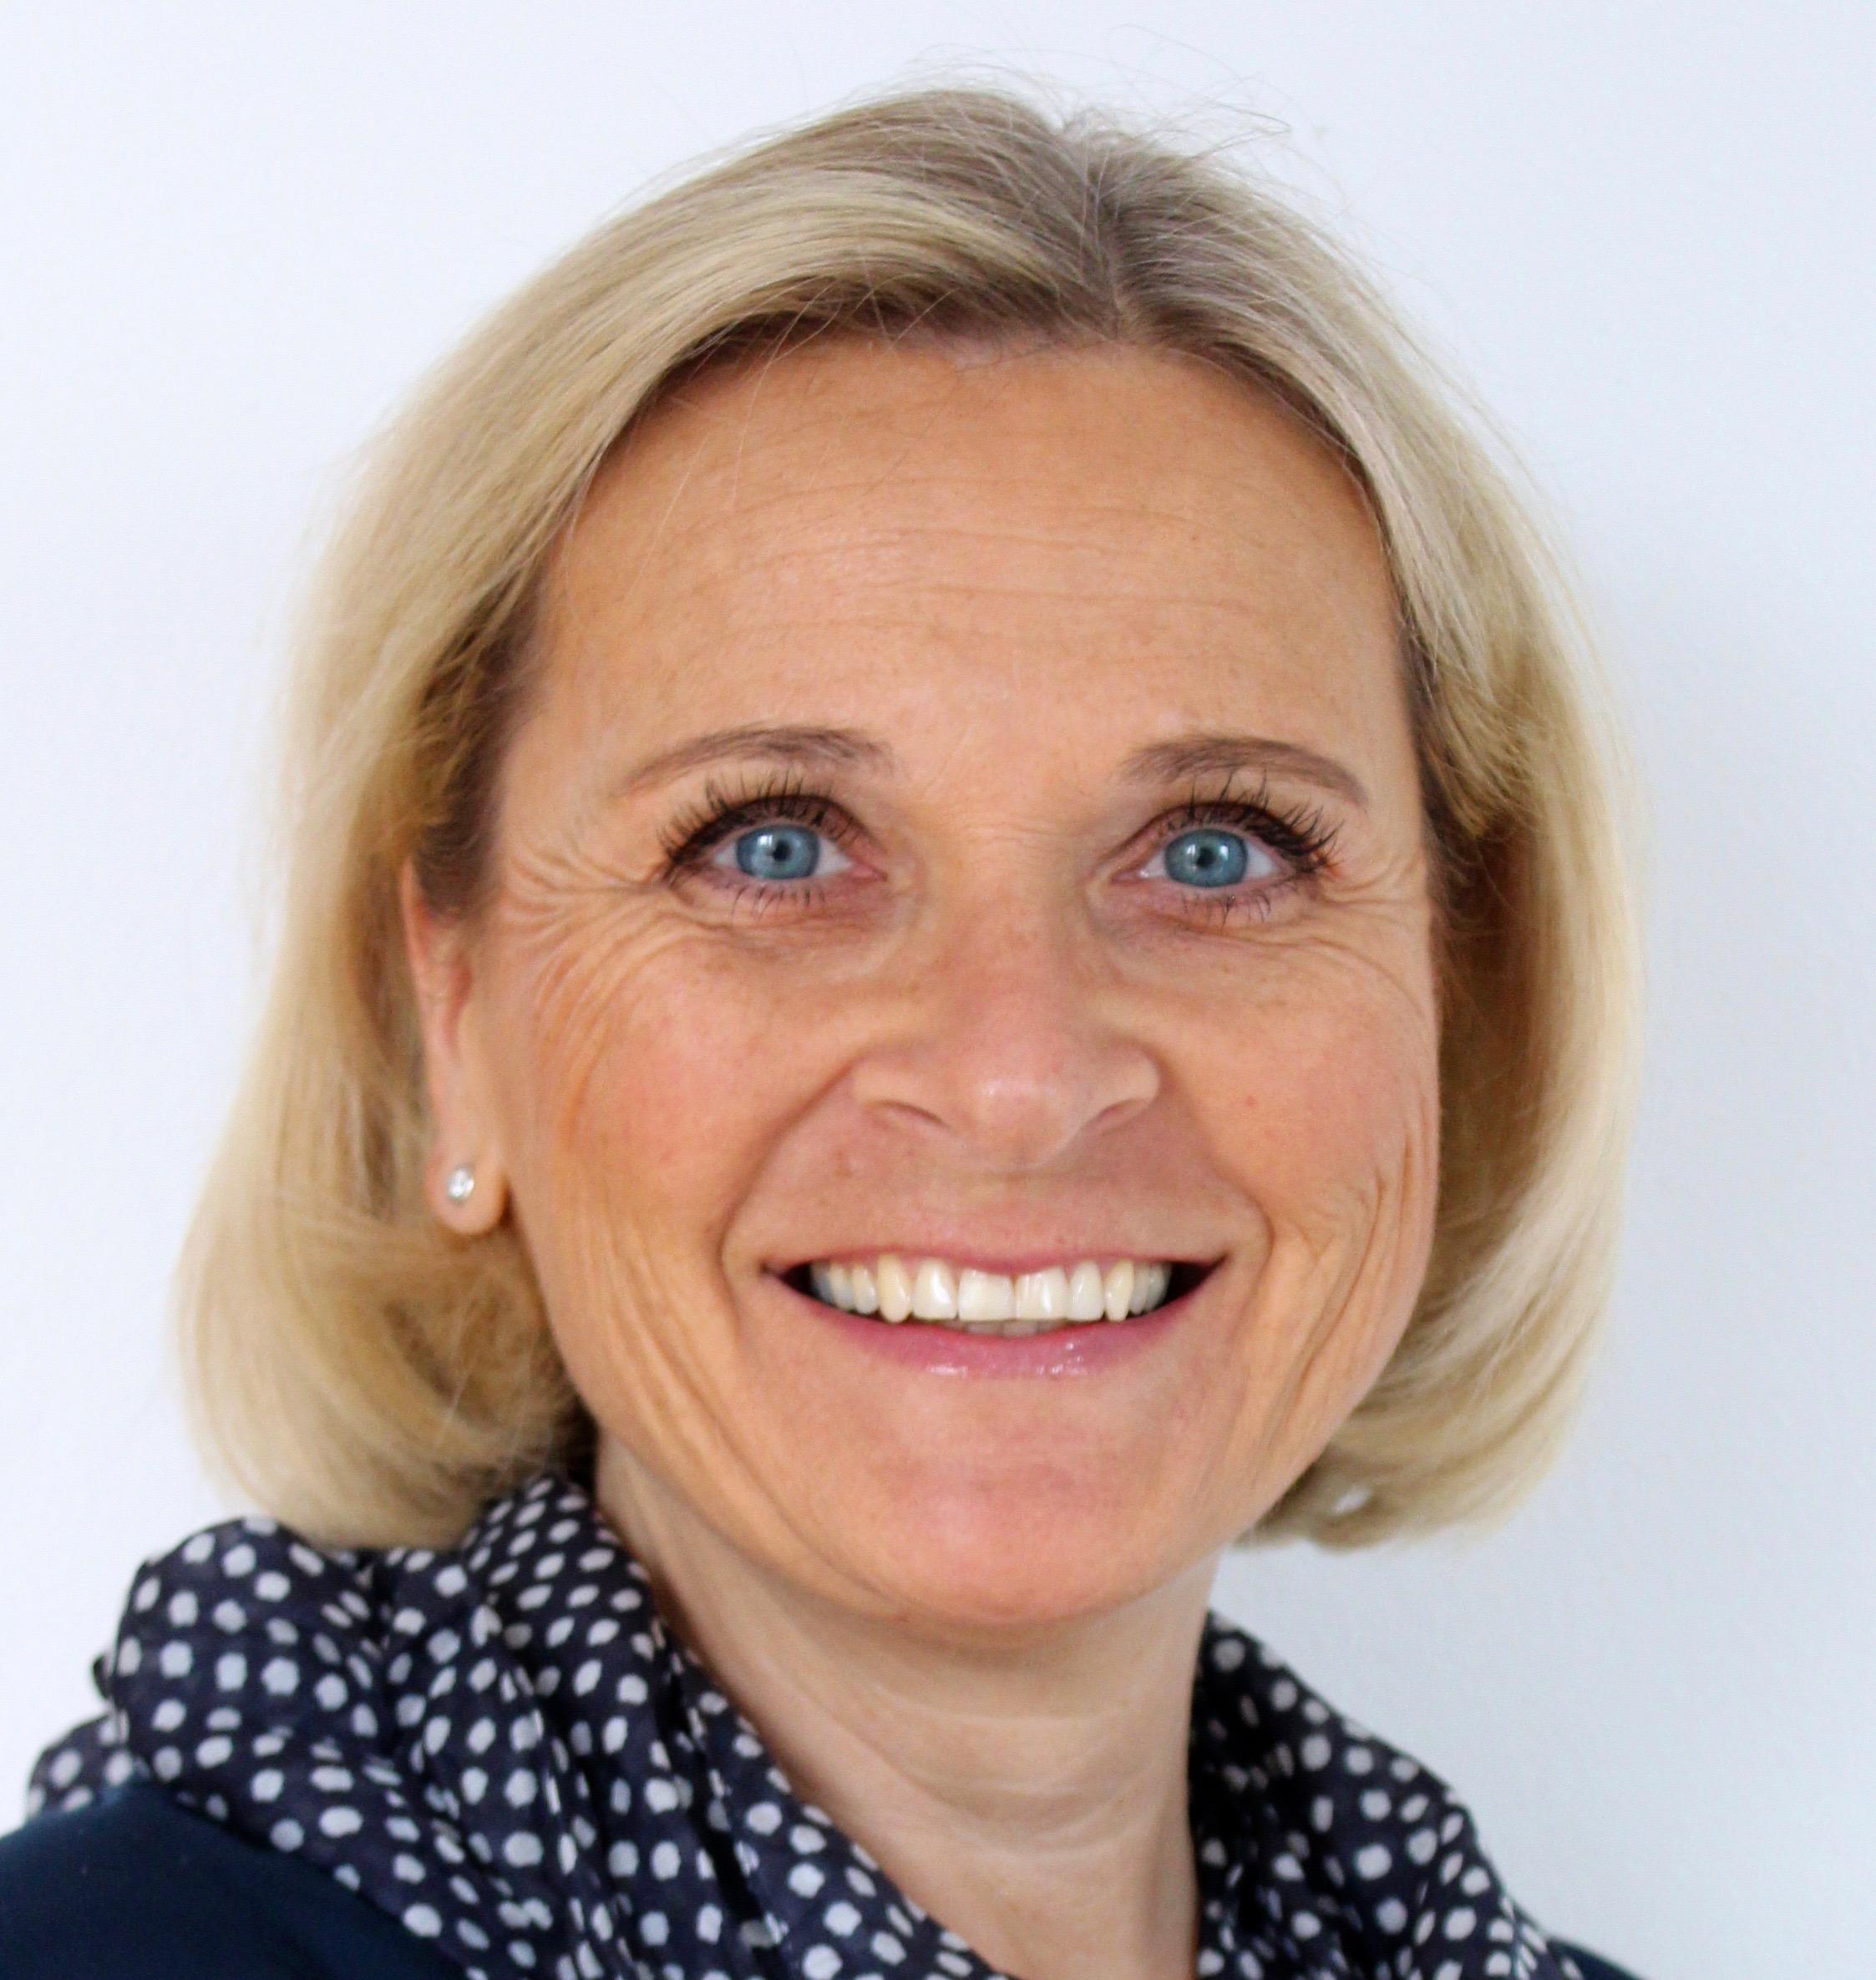 Evelyn Viehböck